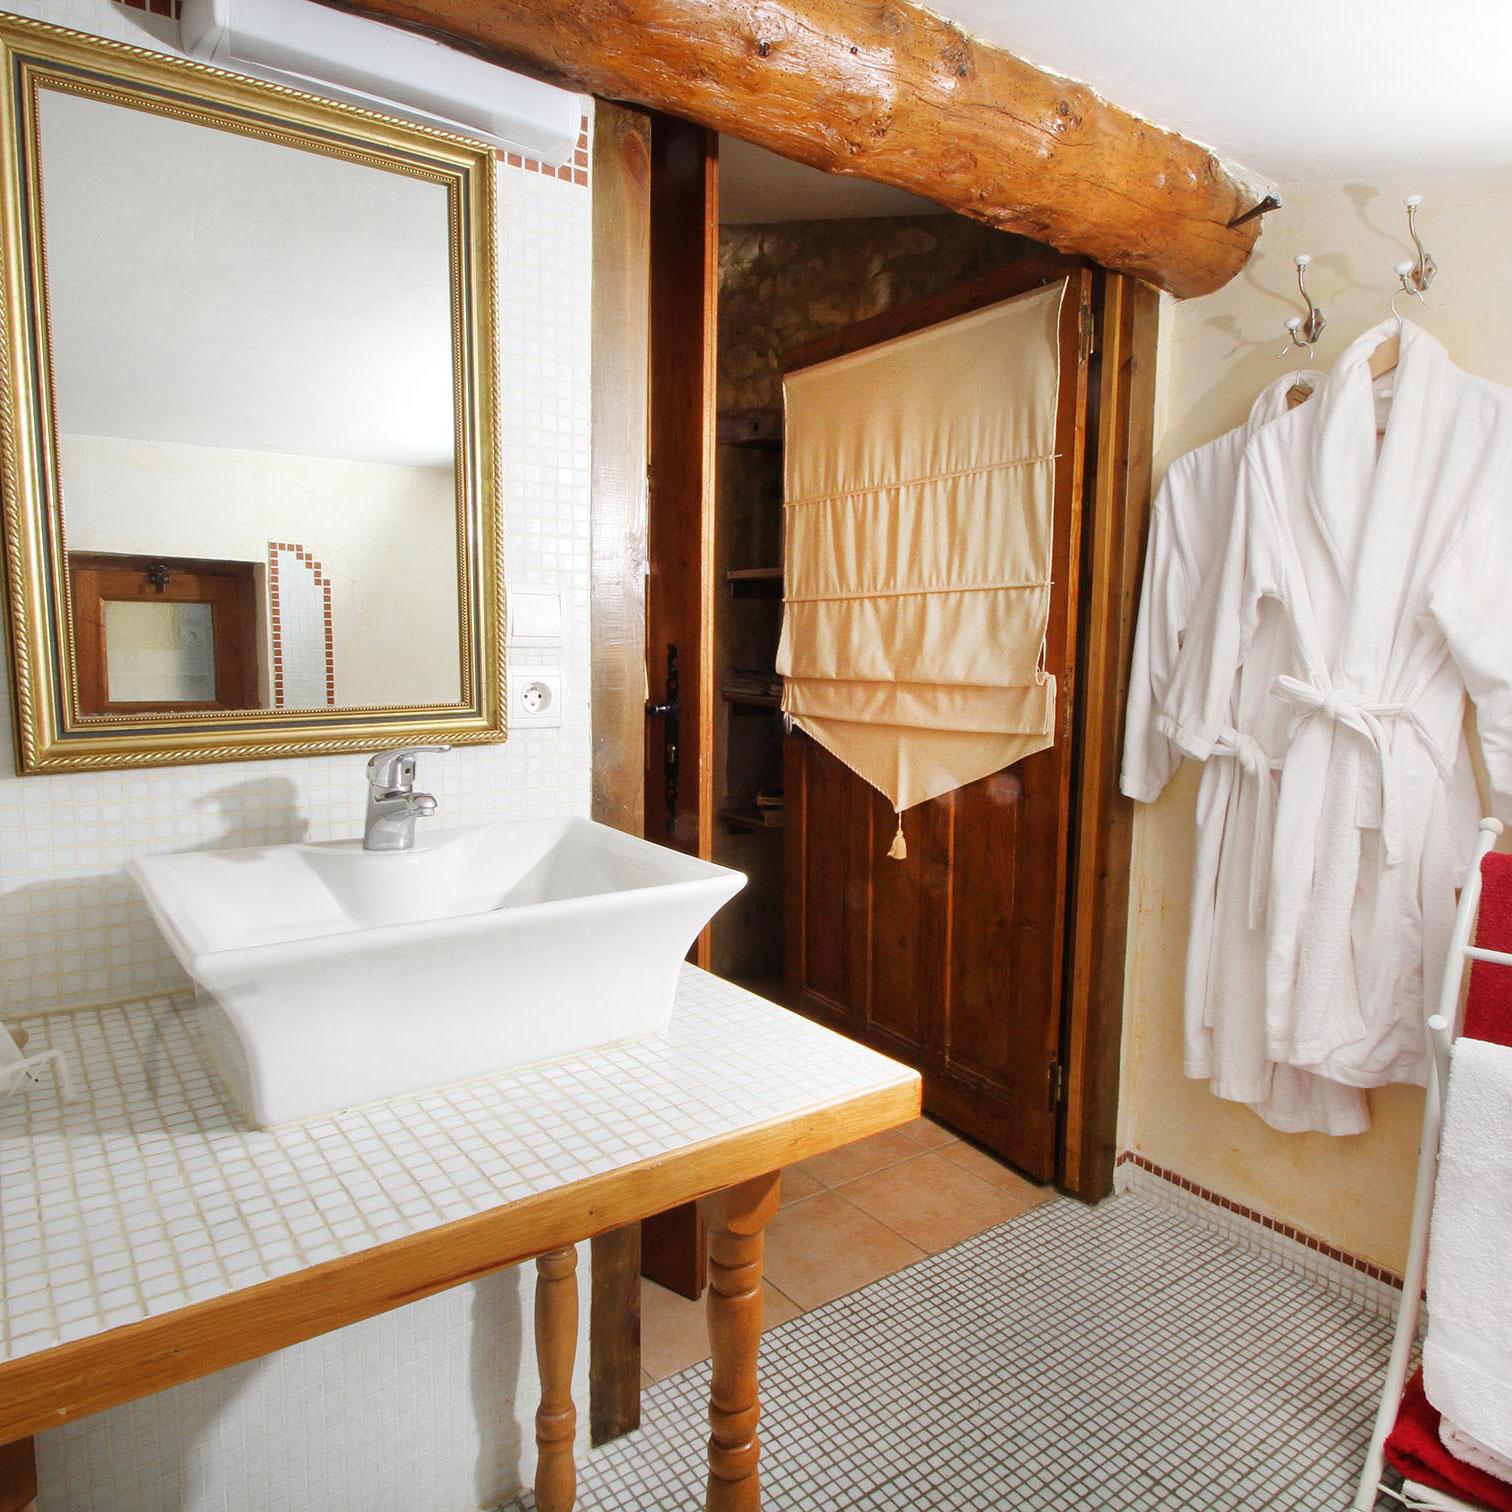 chambres d'hôtes salle de bain